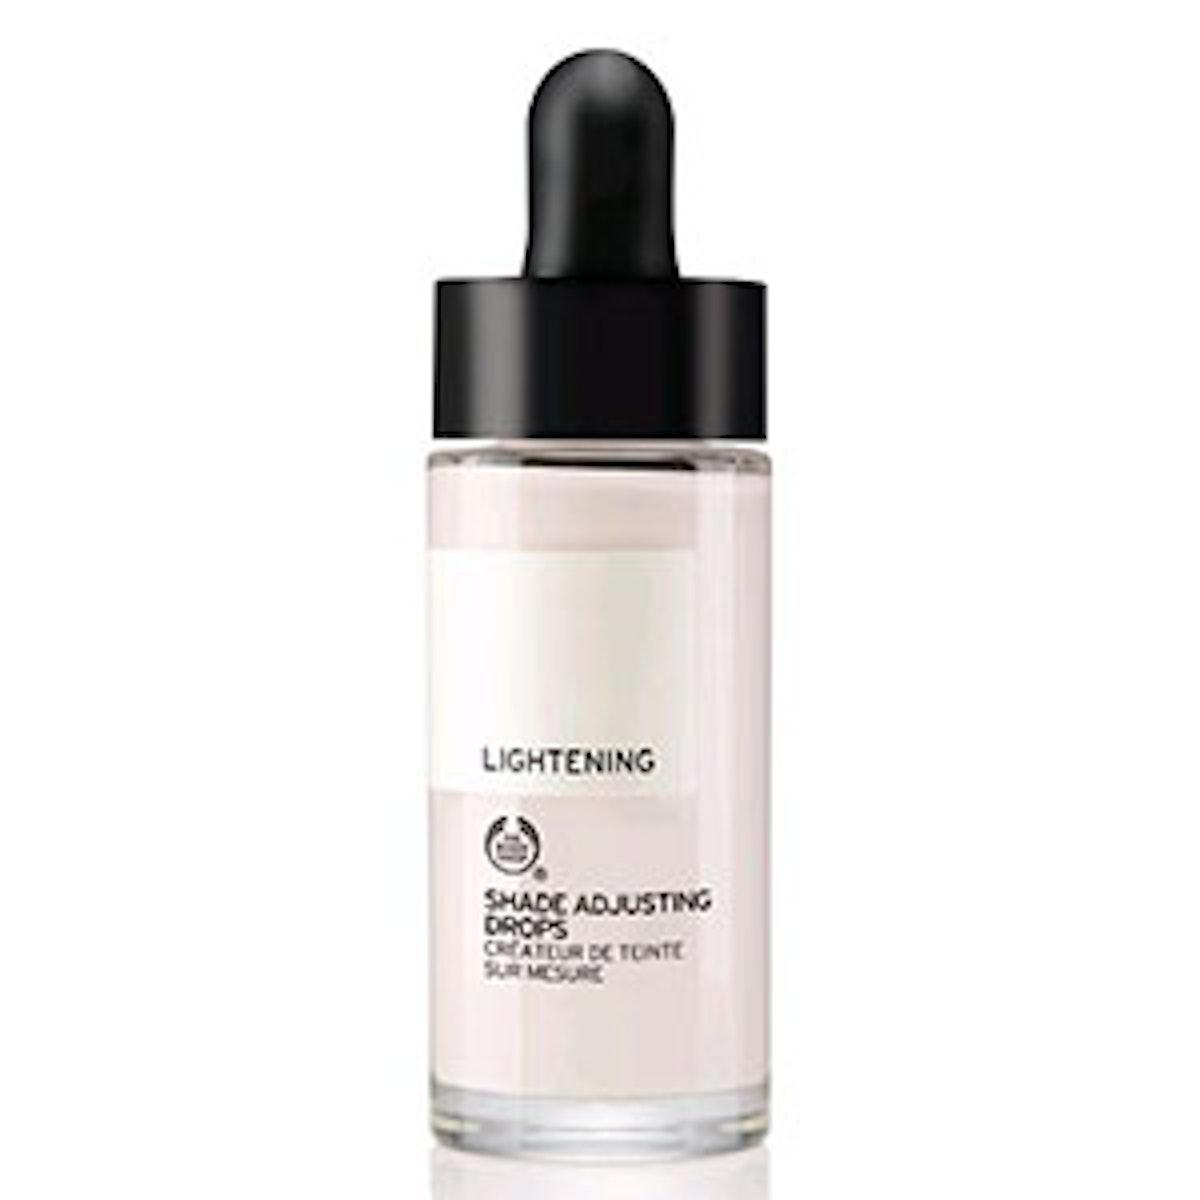 Lightening Shade Adjusting Drops